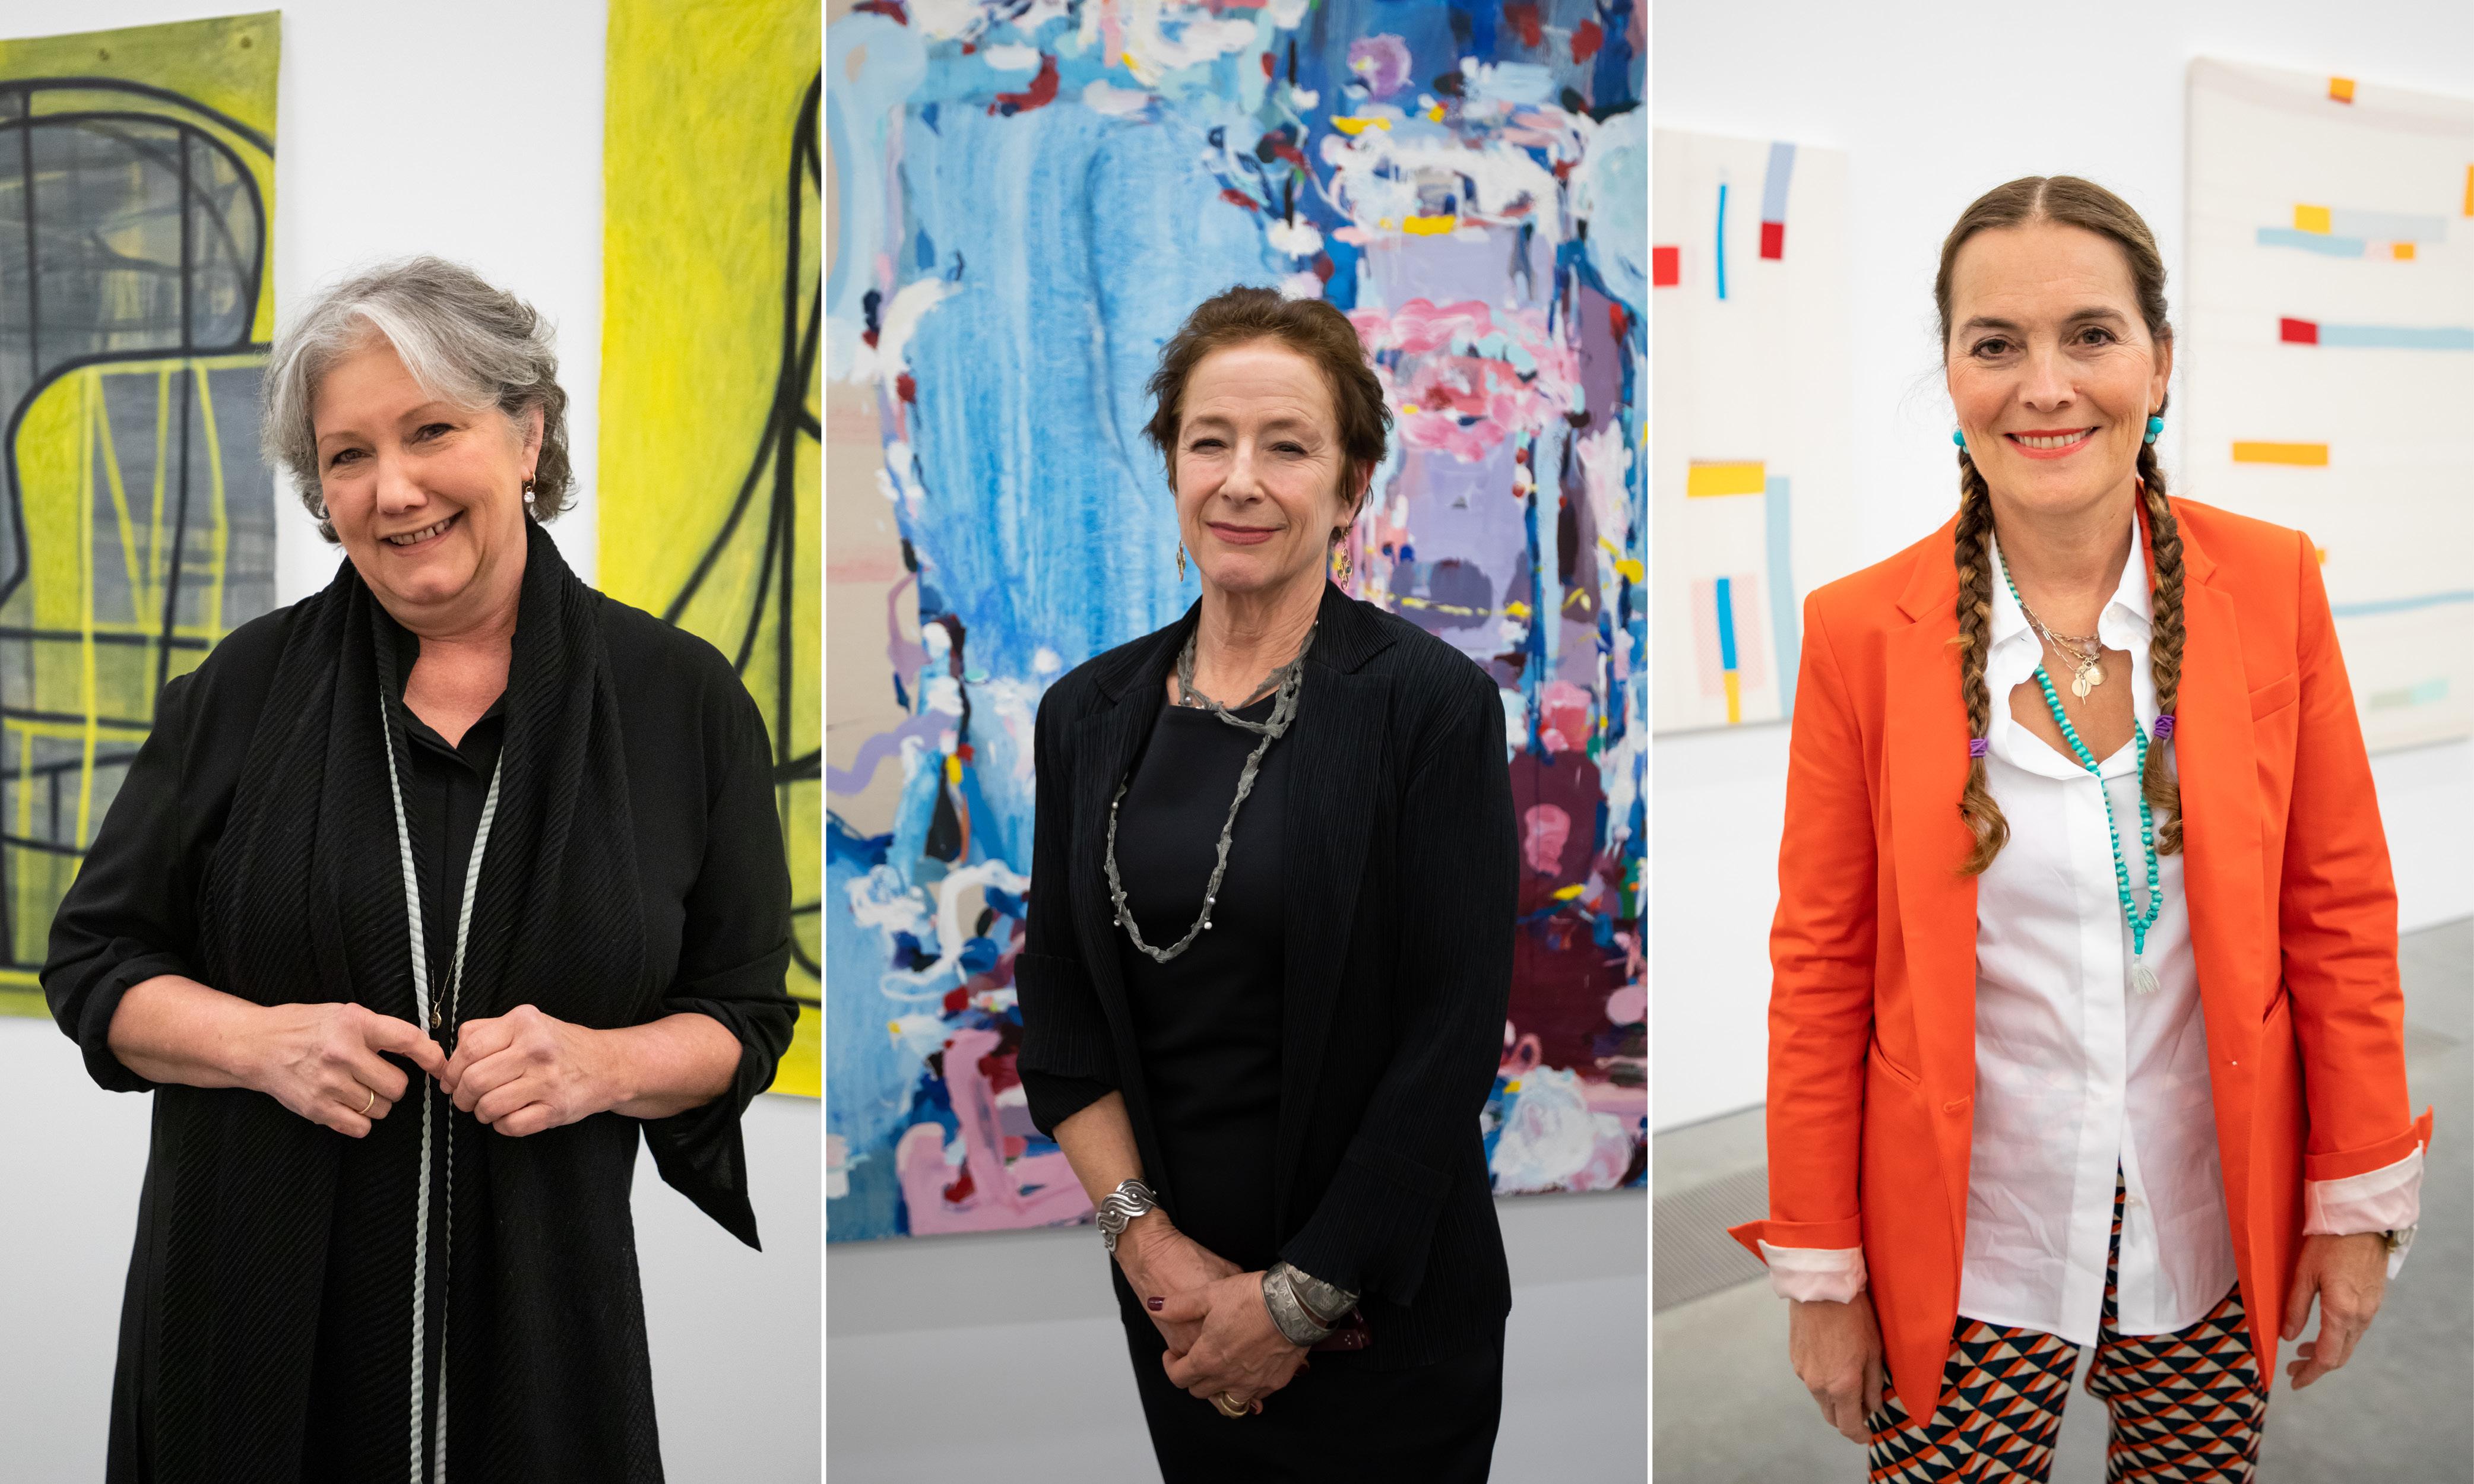 Janet Goleas, Priscilla Heine, Bastienne Schmidt